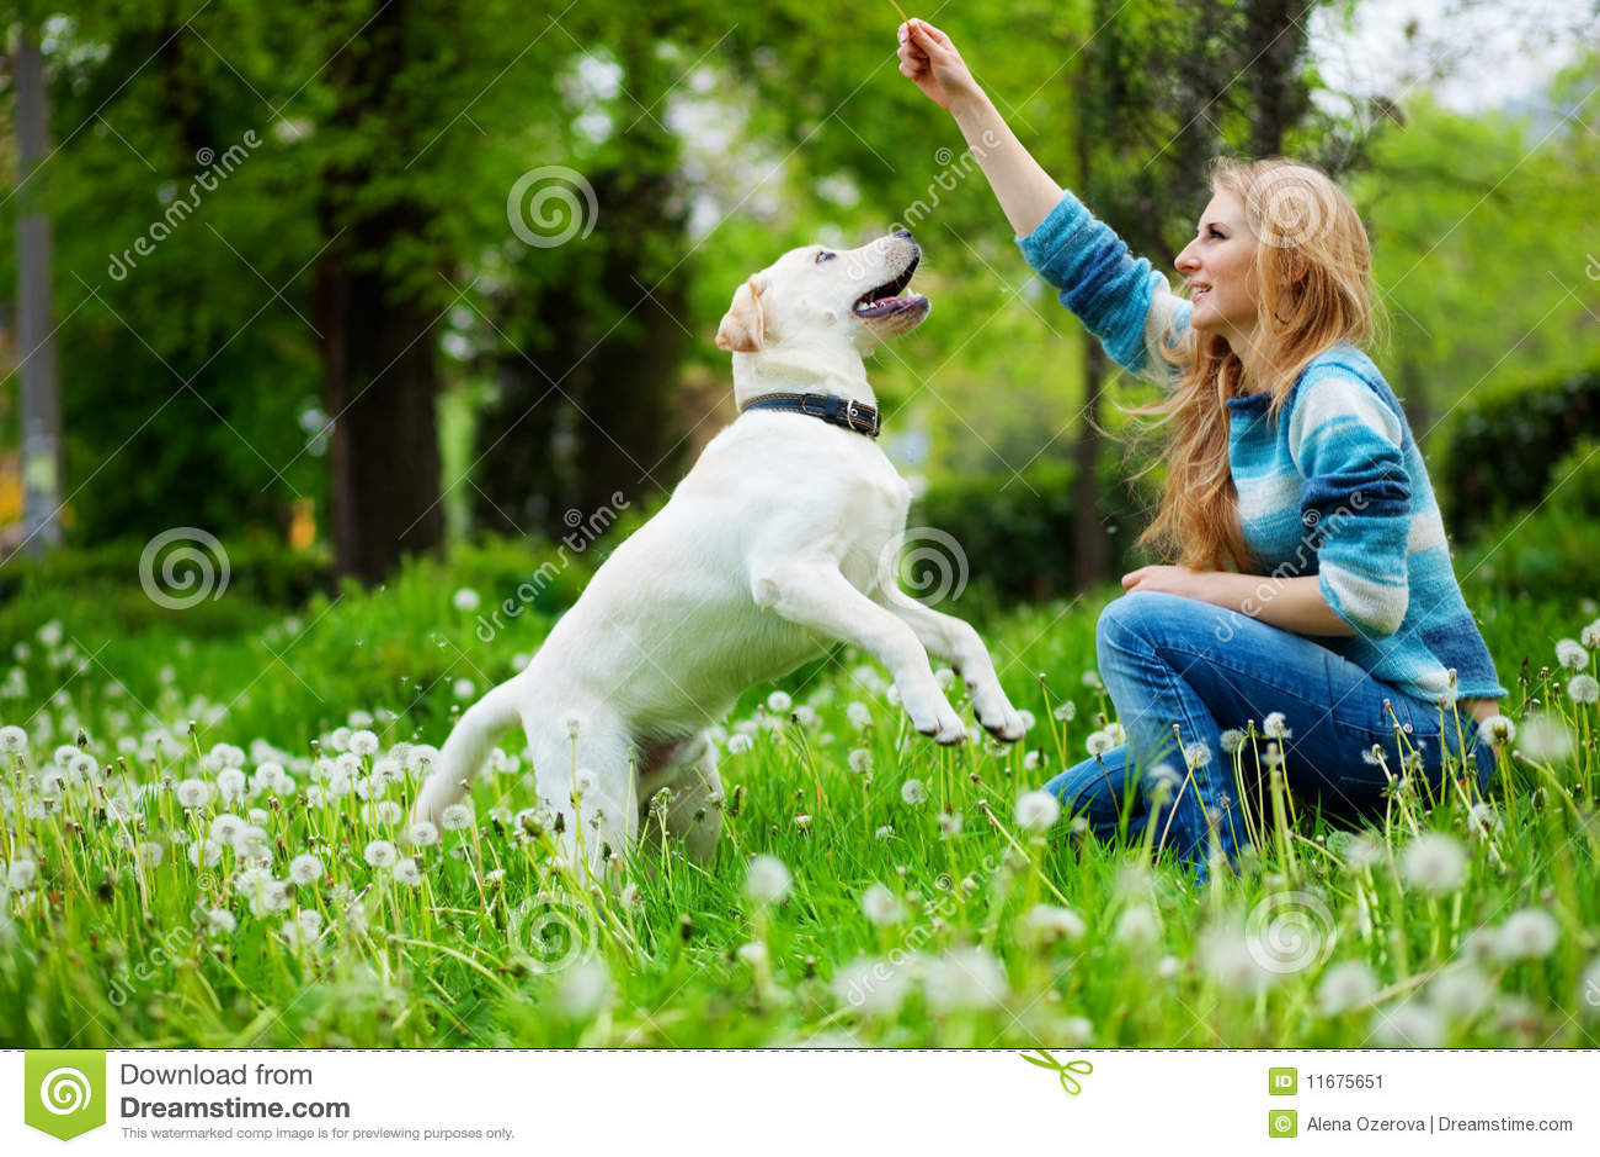 Het spelen met hond